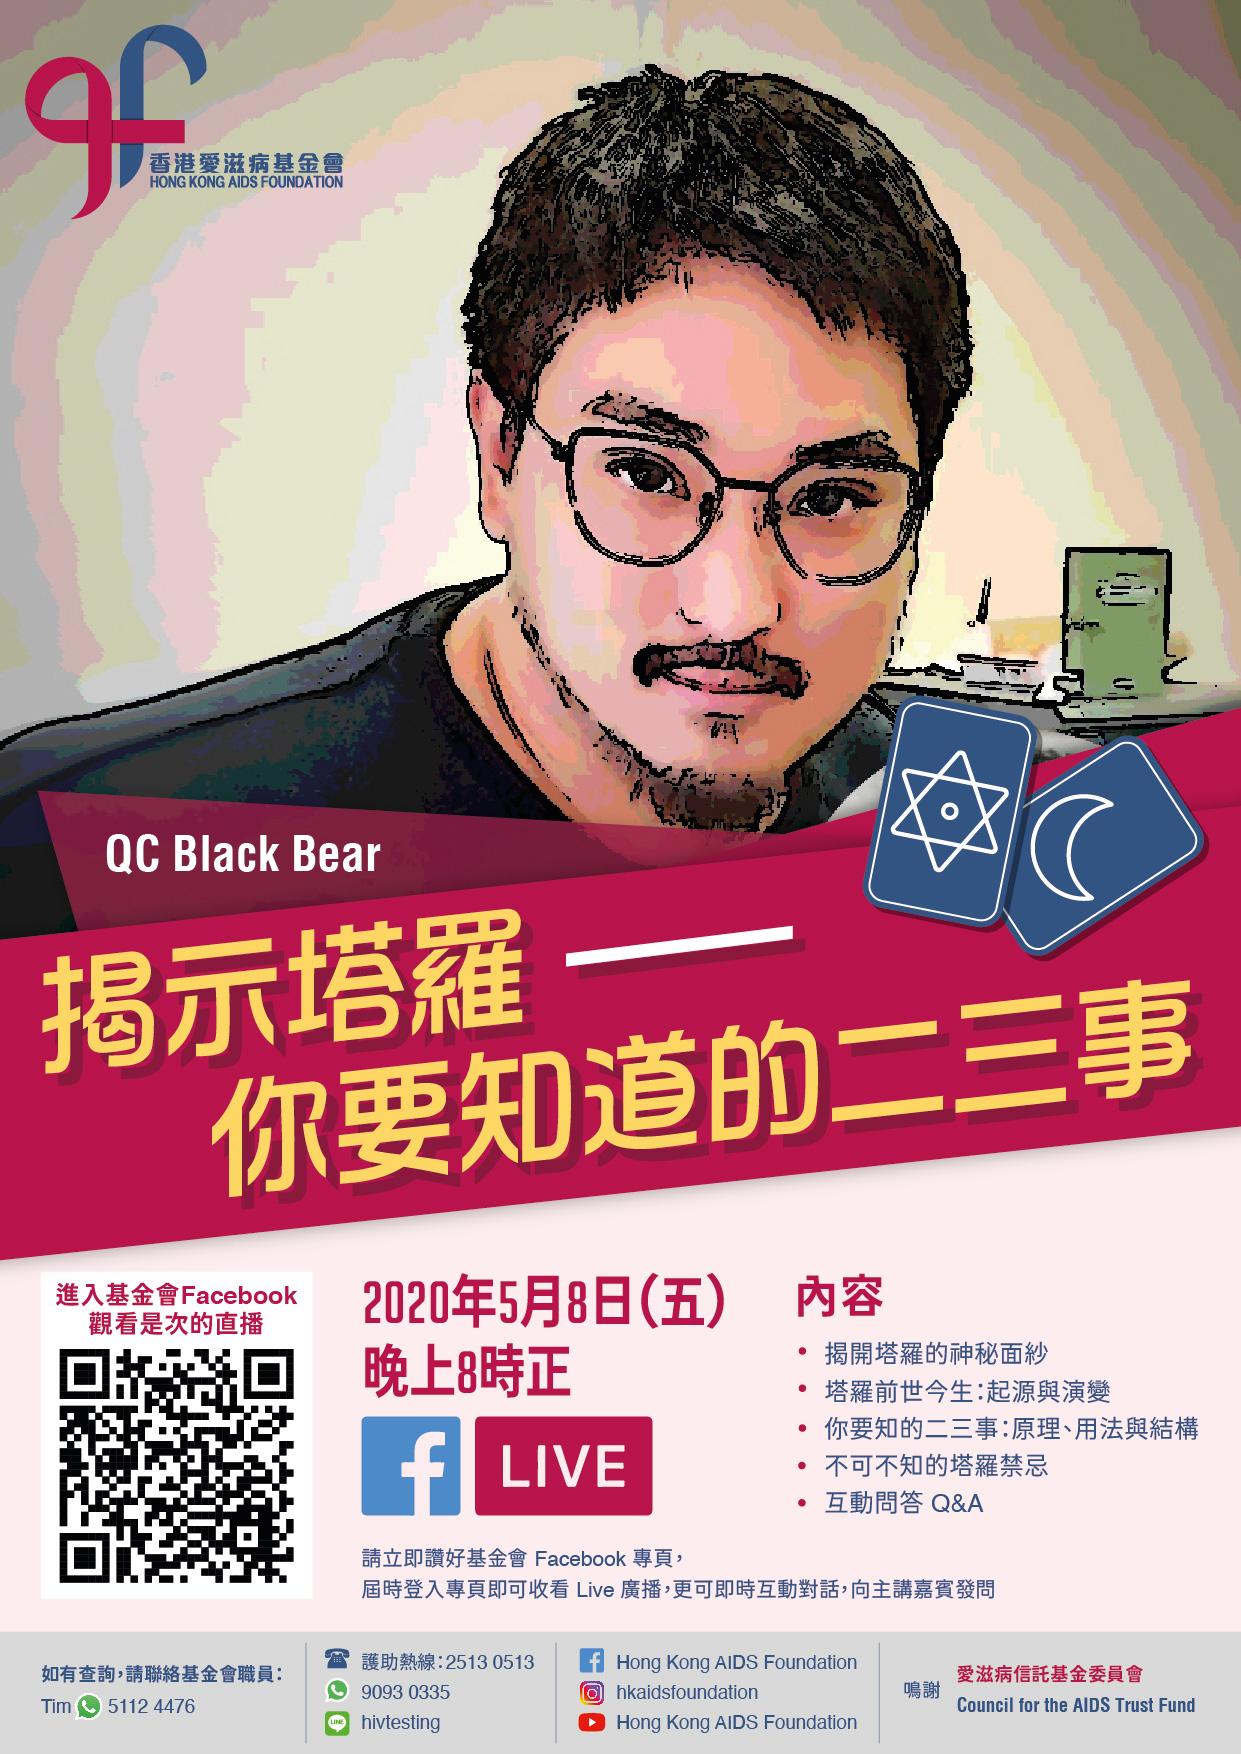 27042020 Facebook live poster-01 (2)